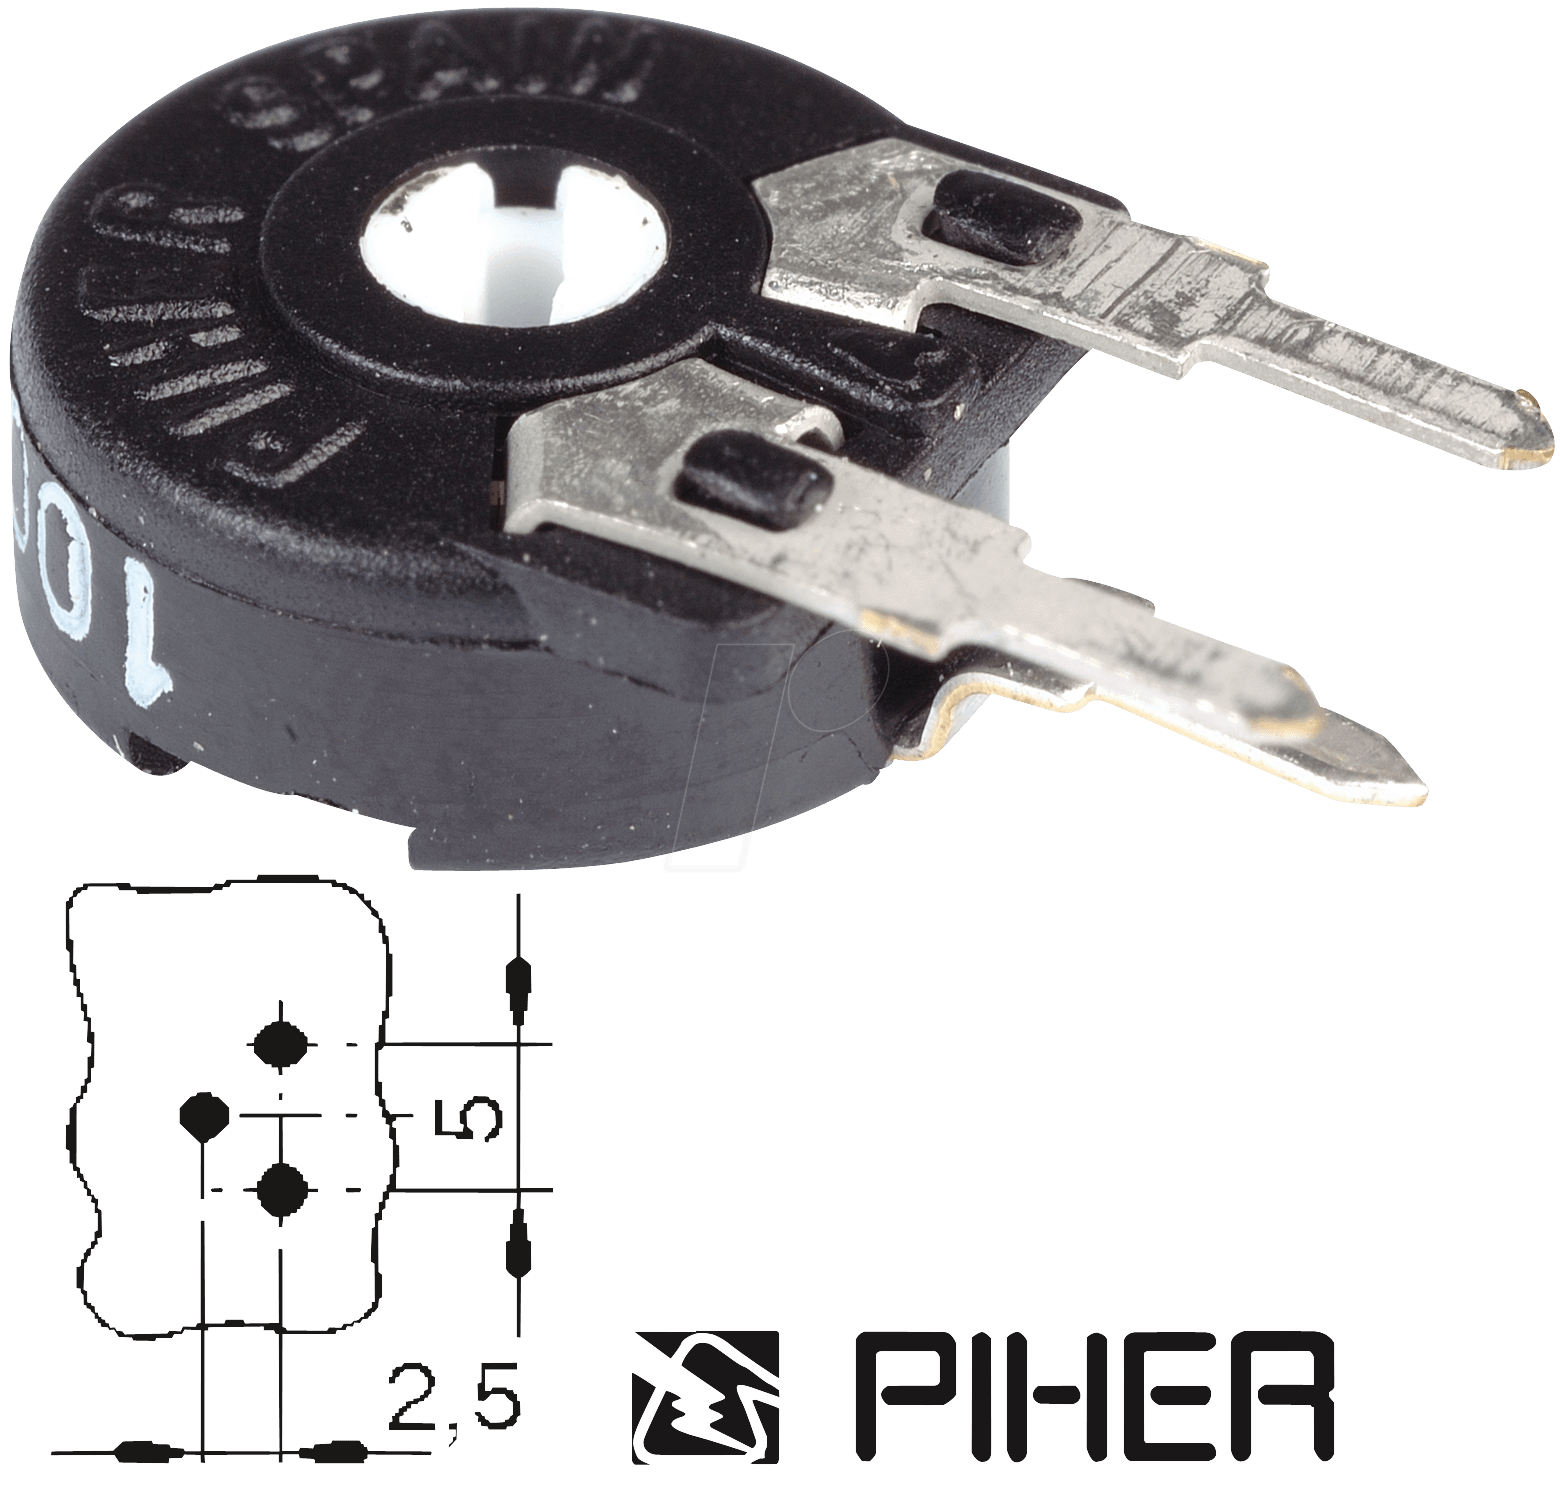 PIHER PT 10-S 10K - Einstellpotentiometer, stehend, 10mm, 10 K-Ohm